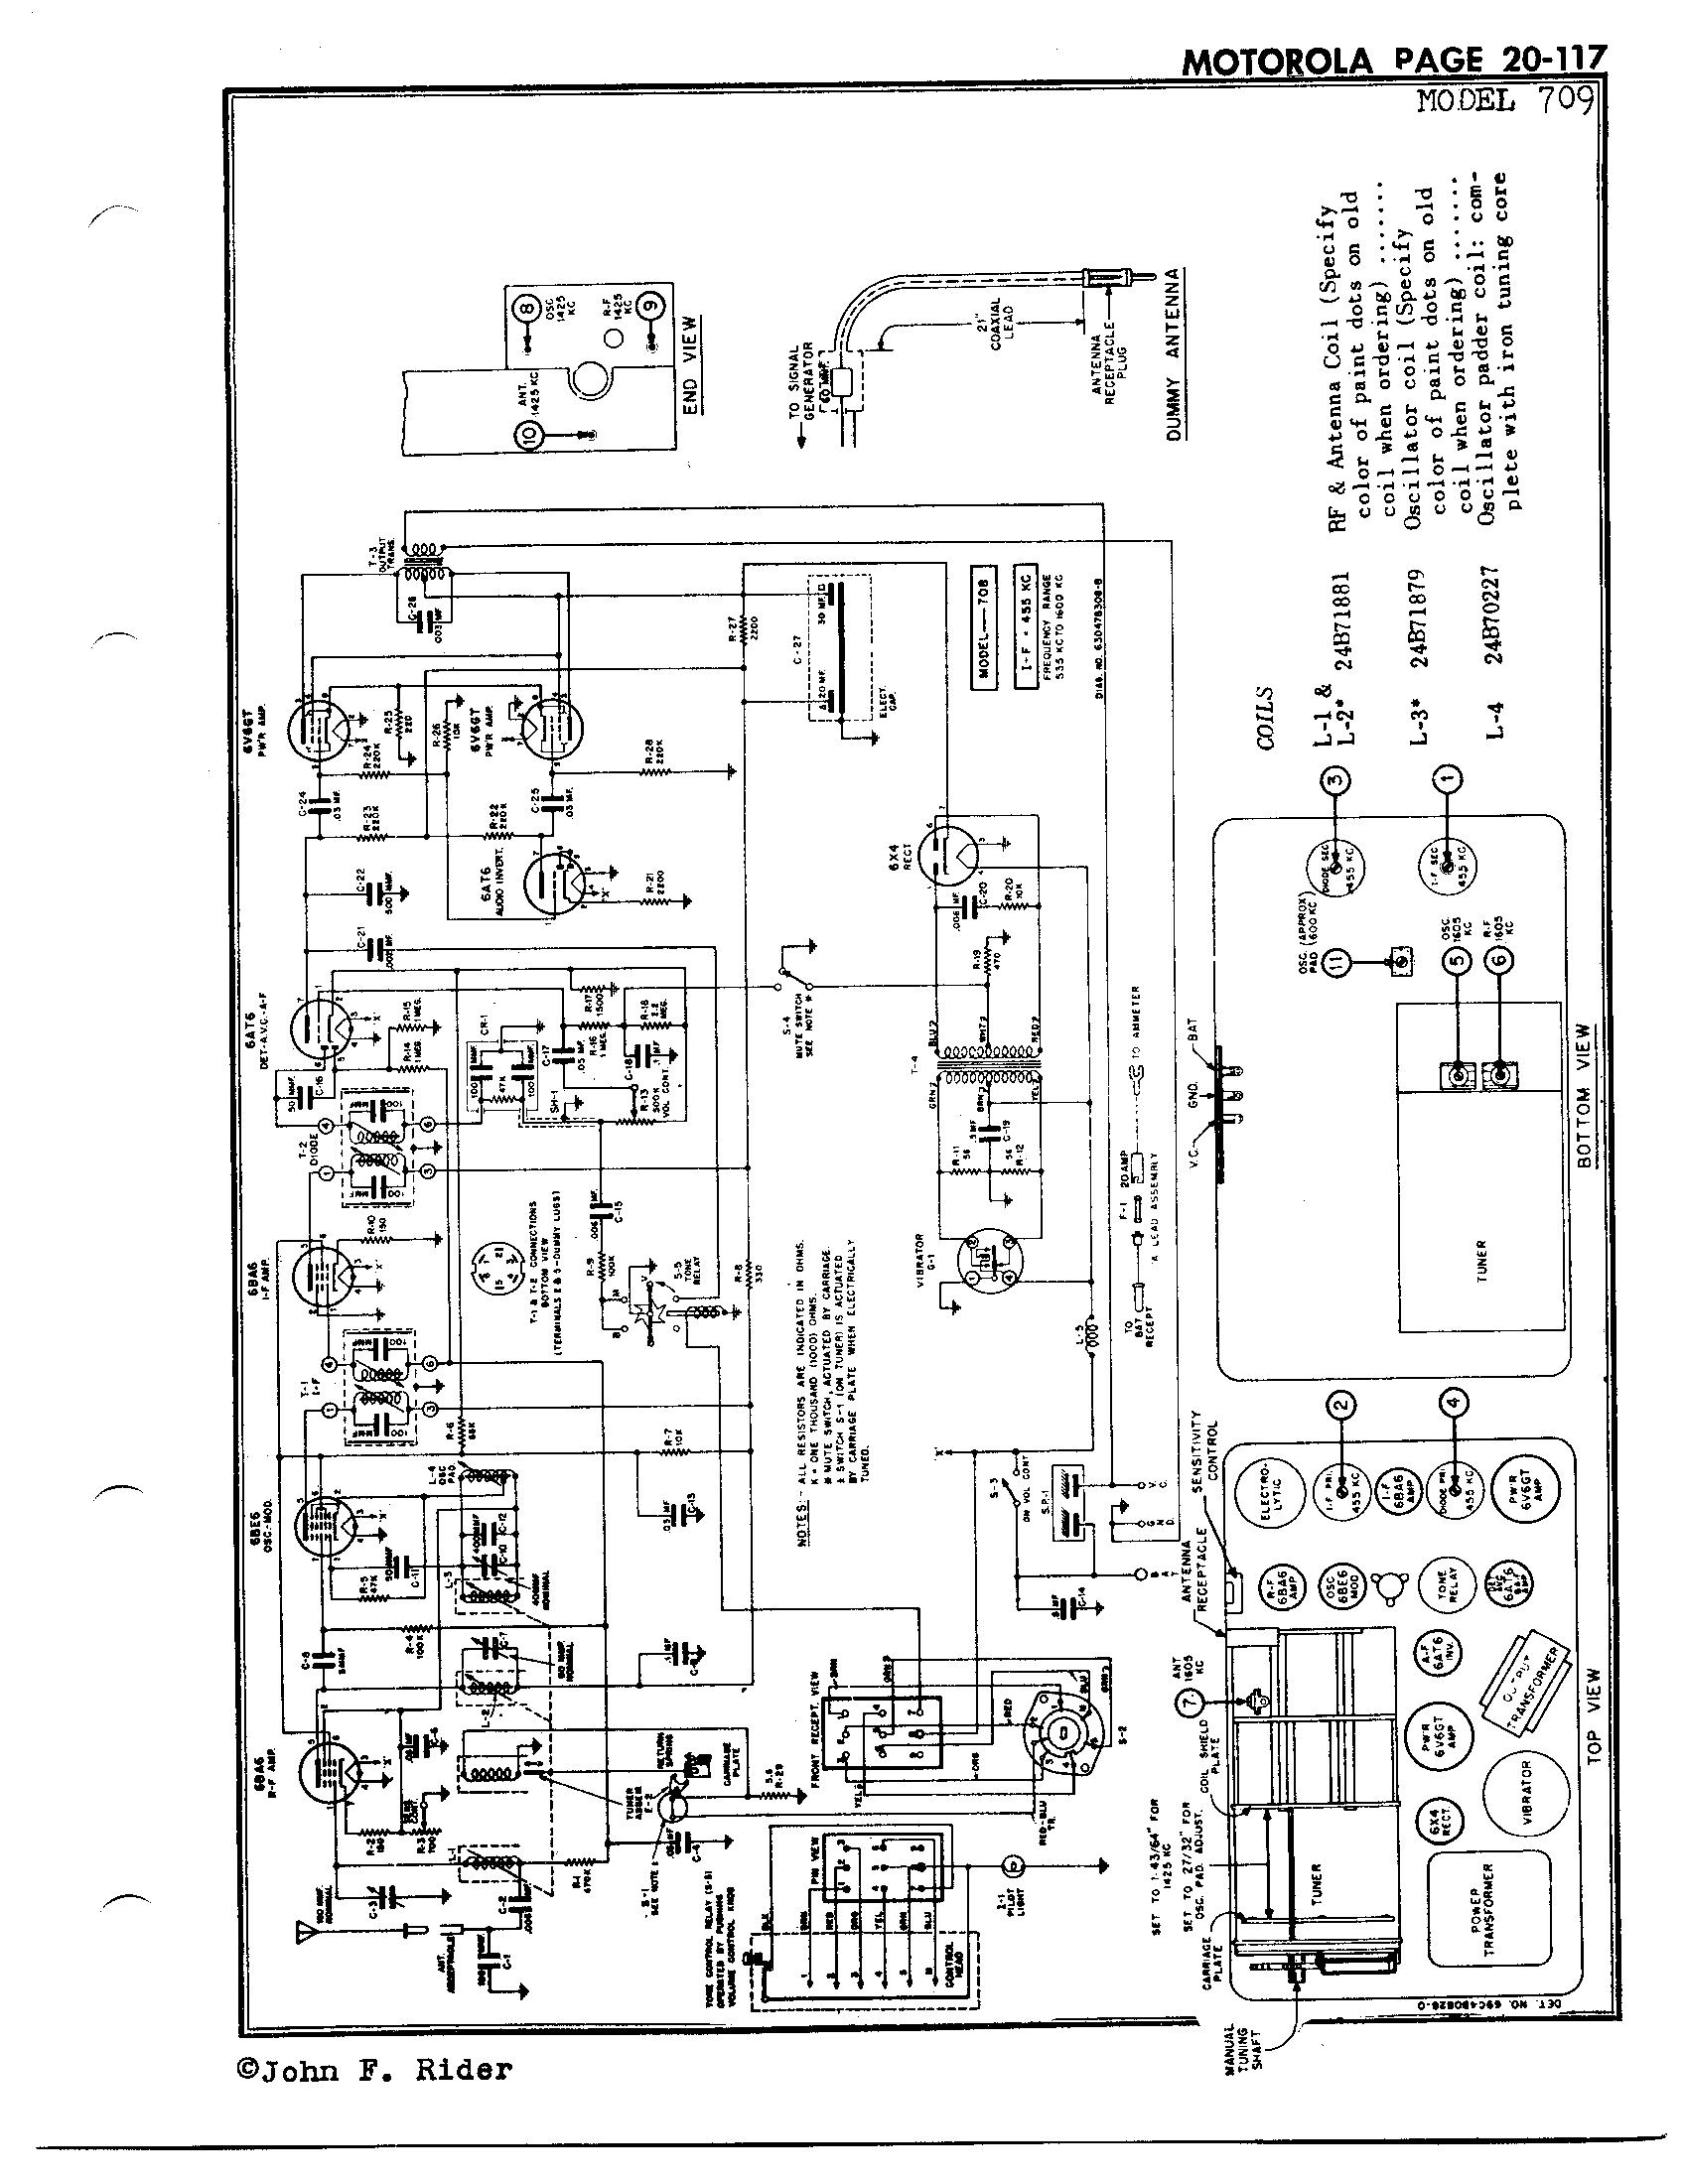 motorola 709